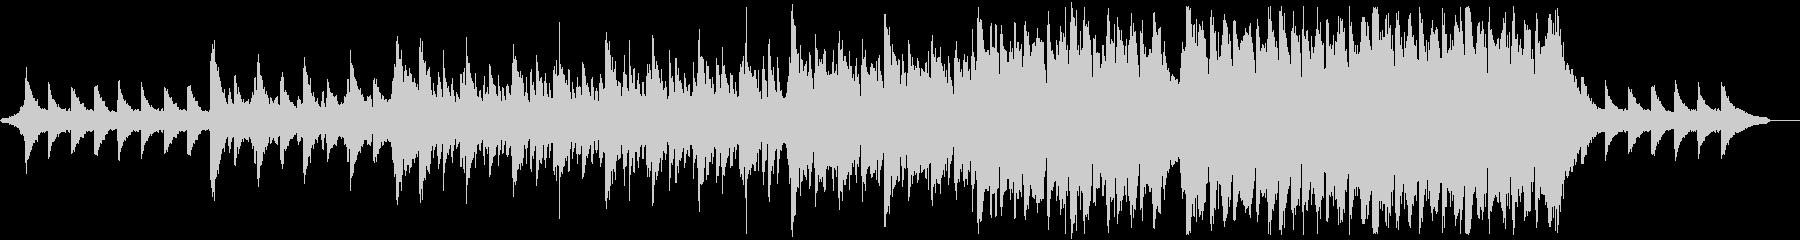 ポジティブポップオーケストラ:シンセ抜きの未再生の波形